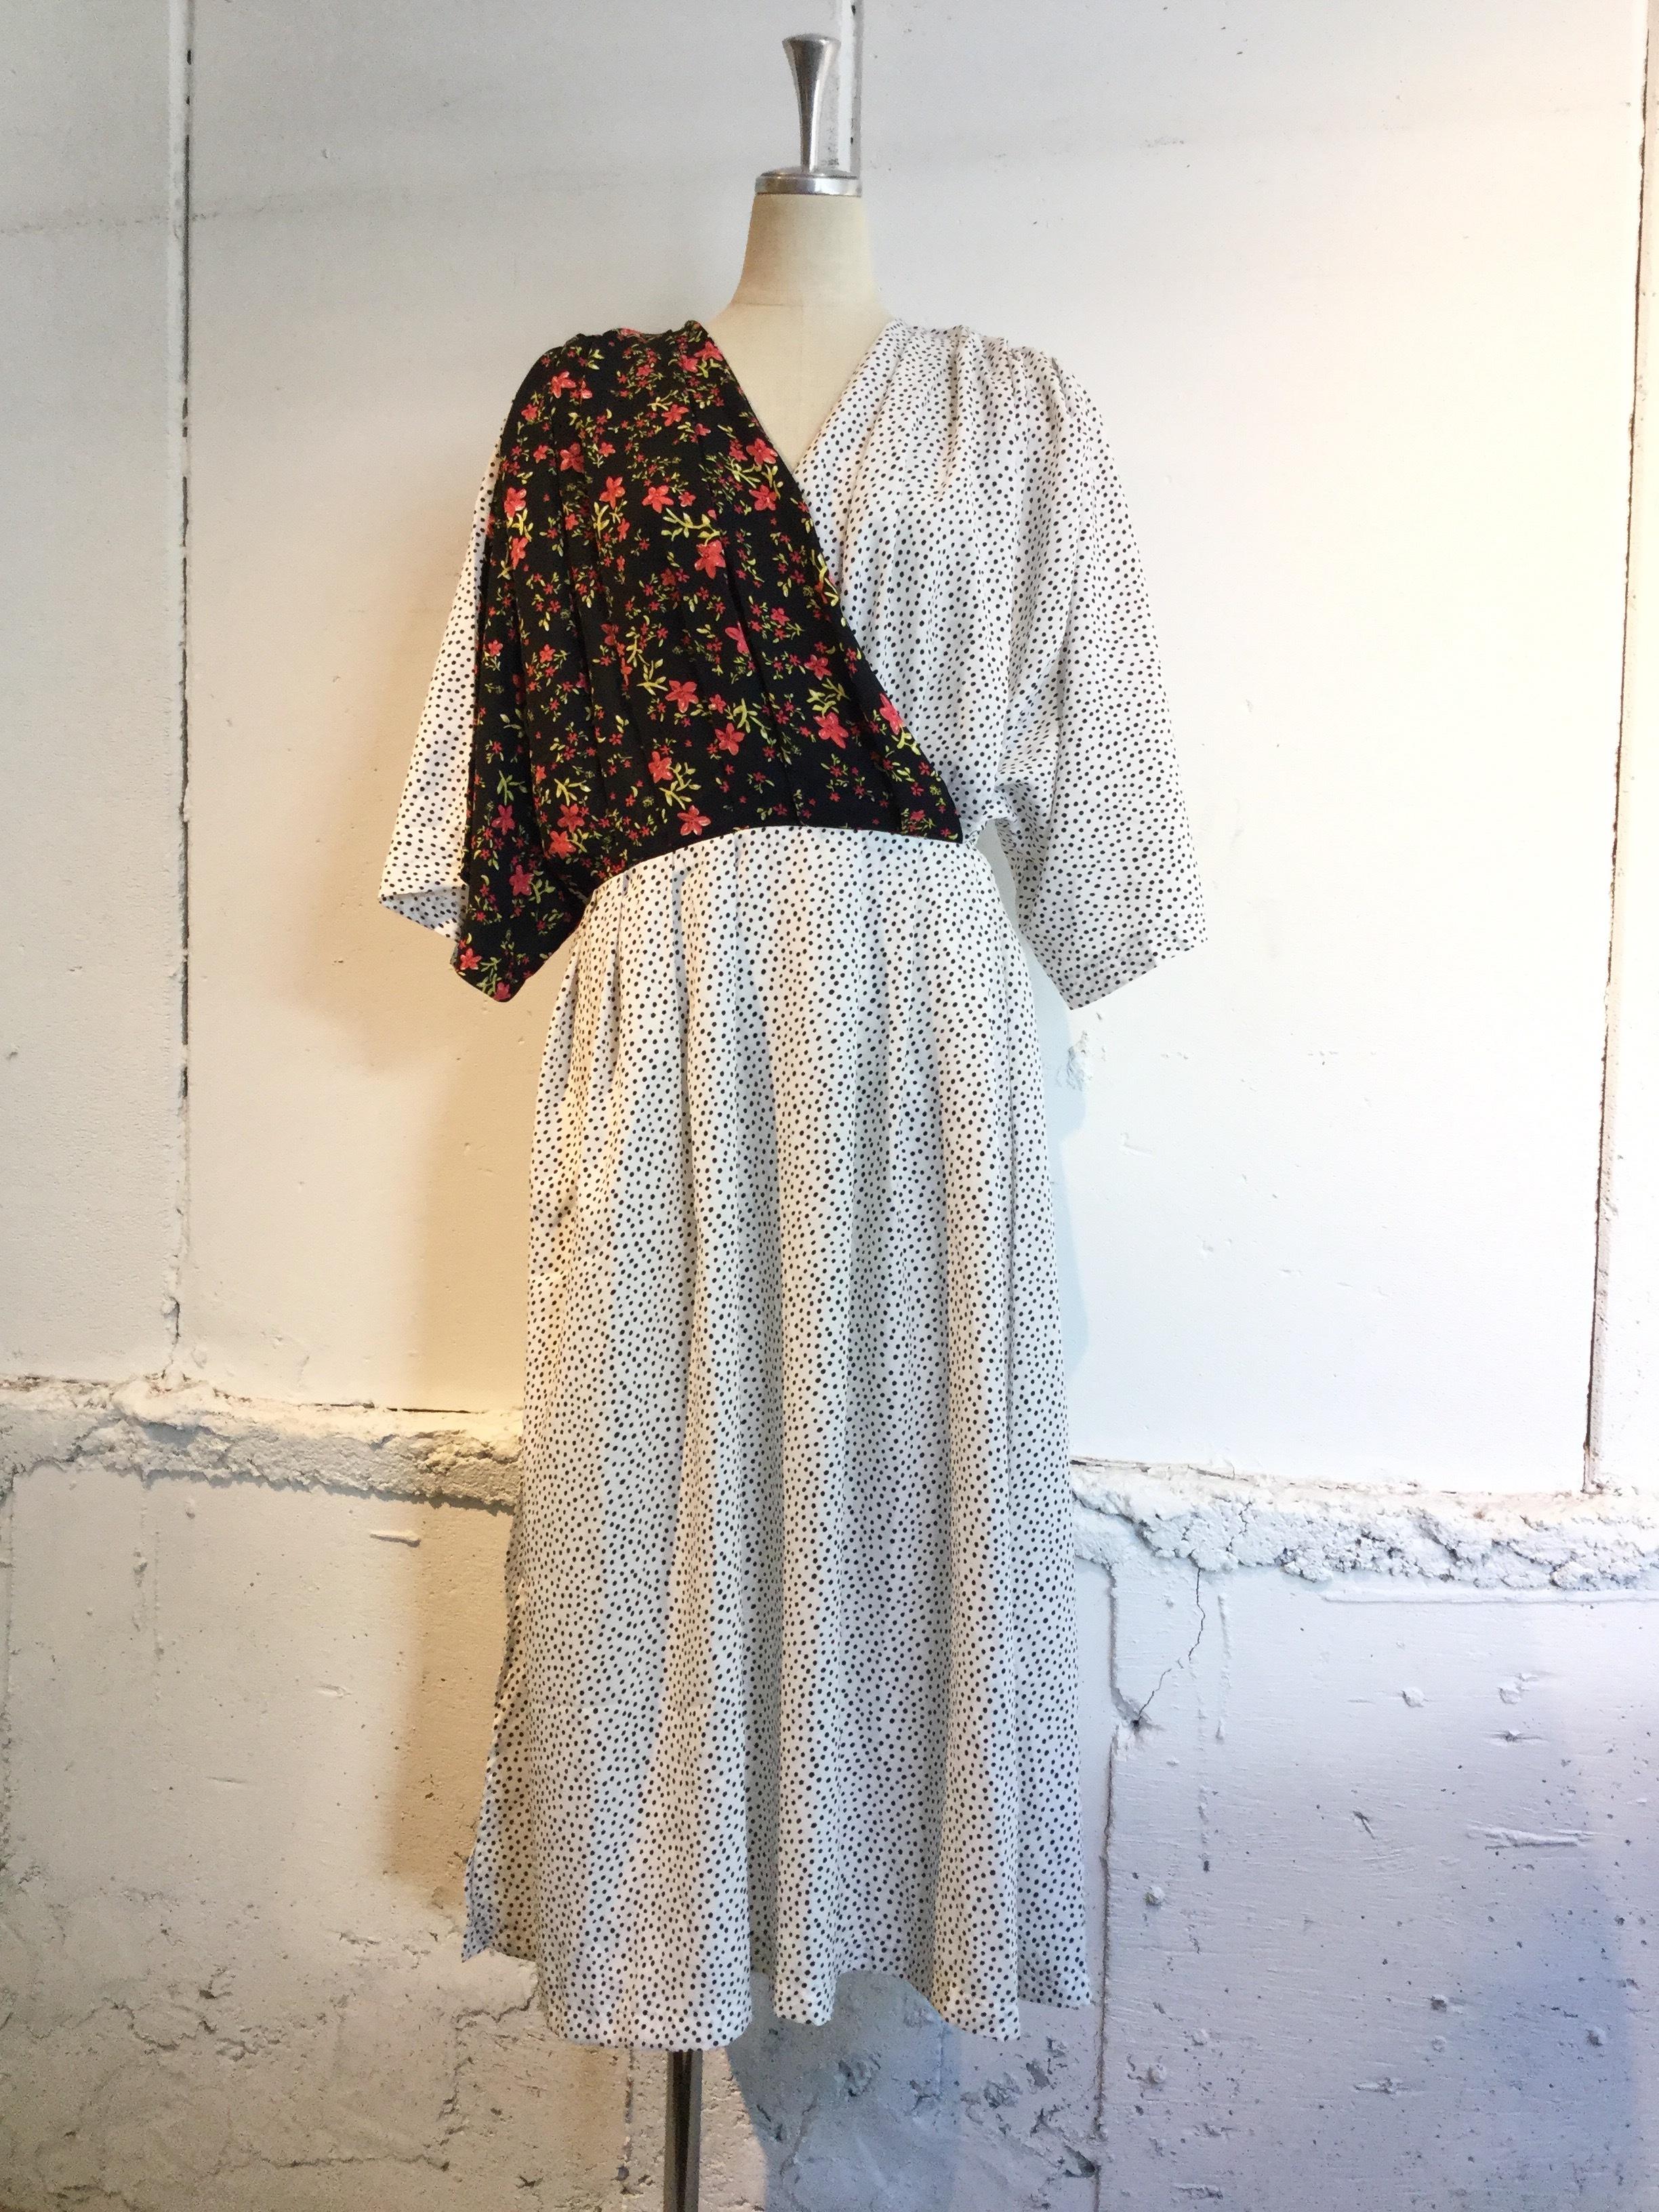 GHOSPELL Beyond the Dot Maxi Dress